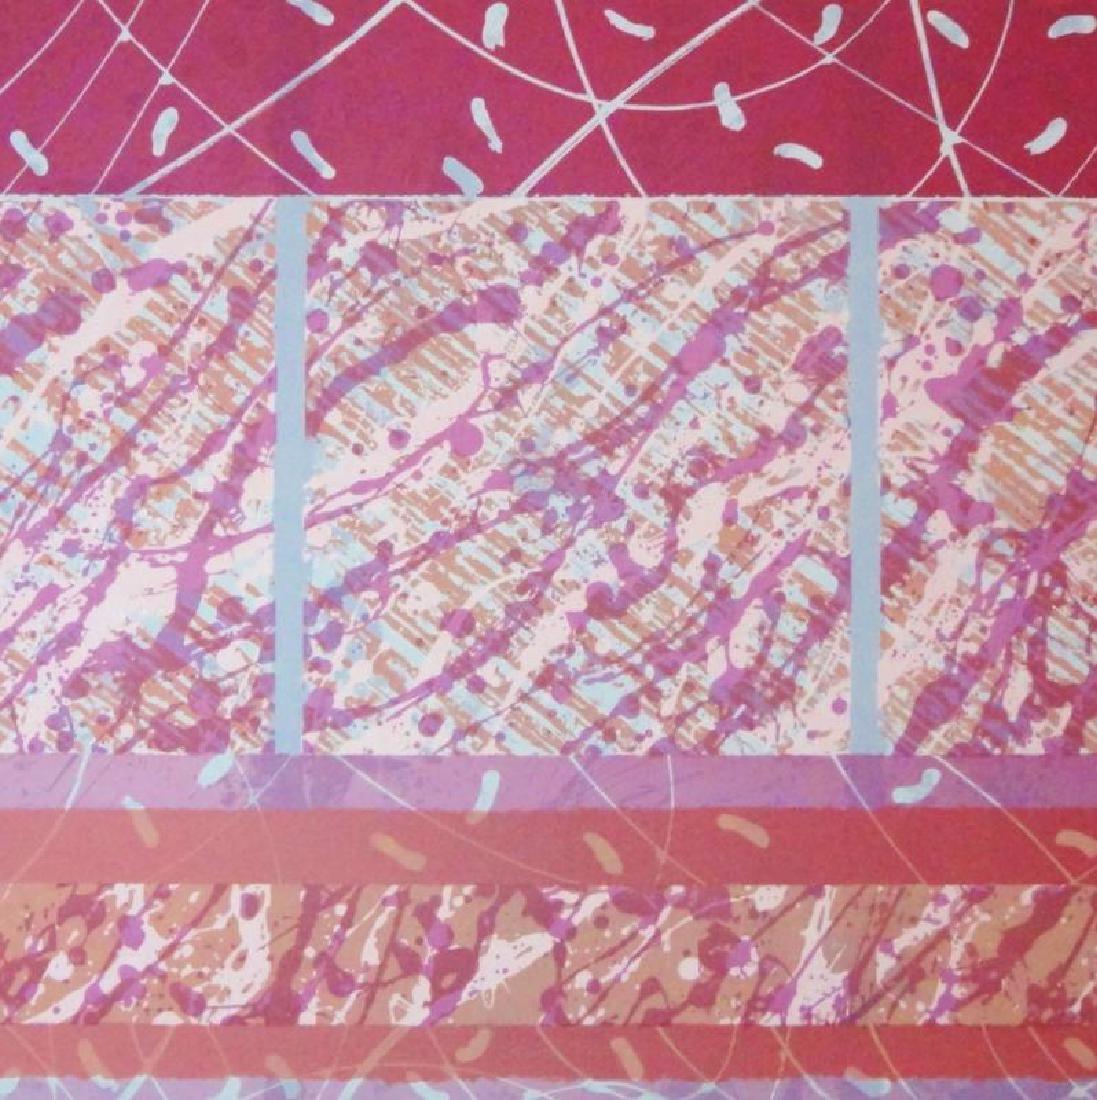 Abstract Red Violet Color Splash Large Modern Ltd Ed - 3